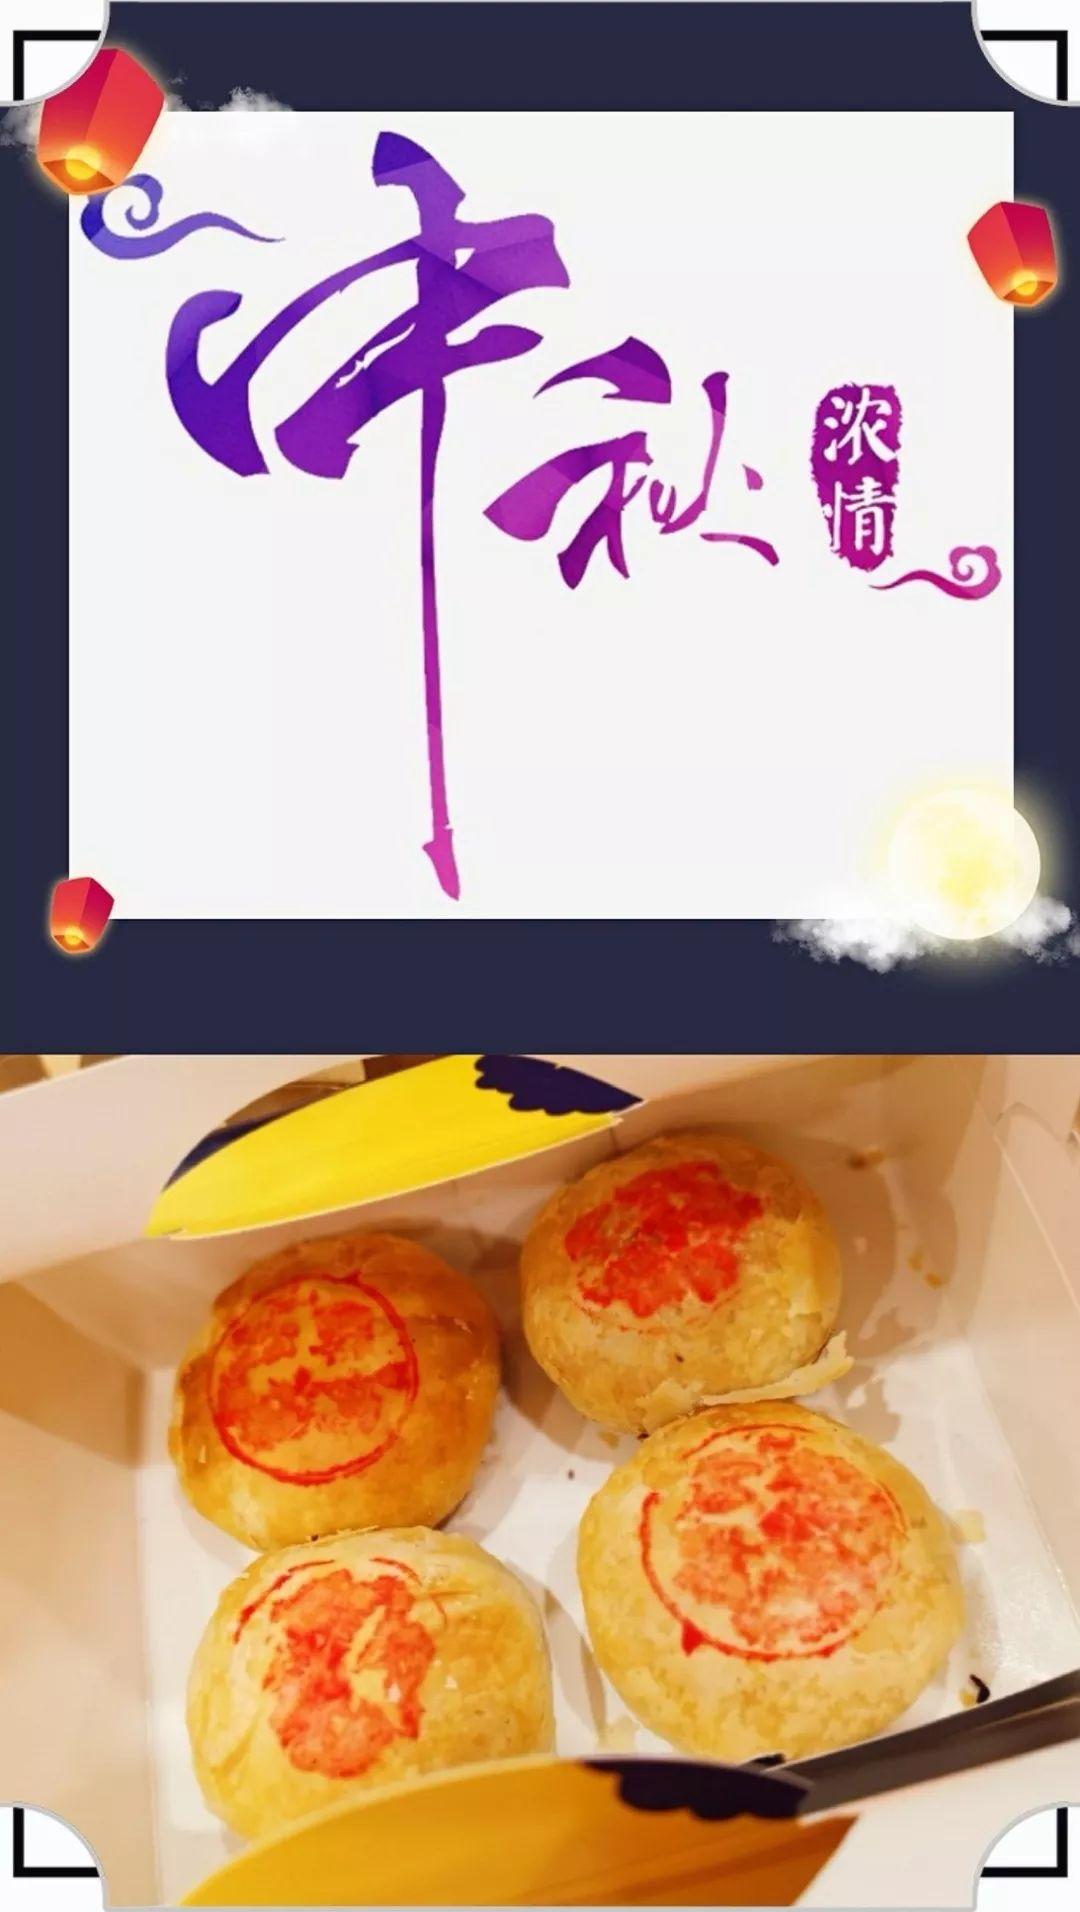 情暖中秋佳节,月饼传递情意|记我院妇科结合病区中秋节活动